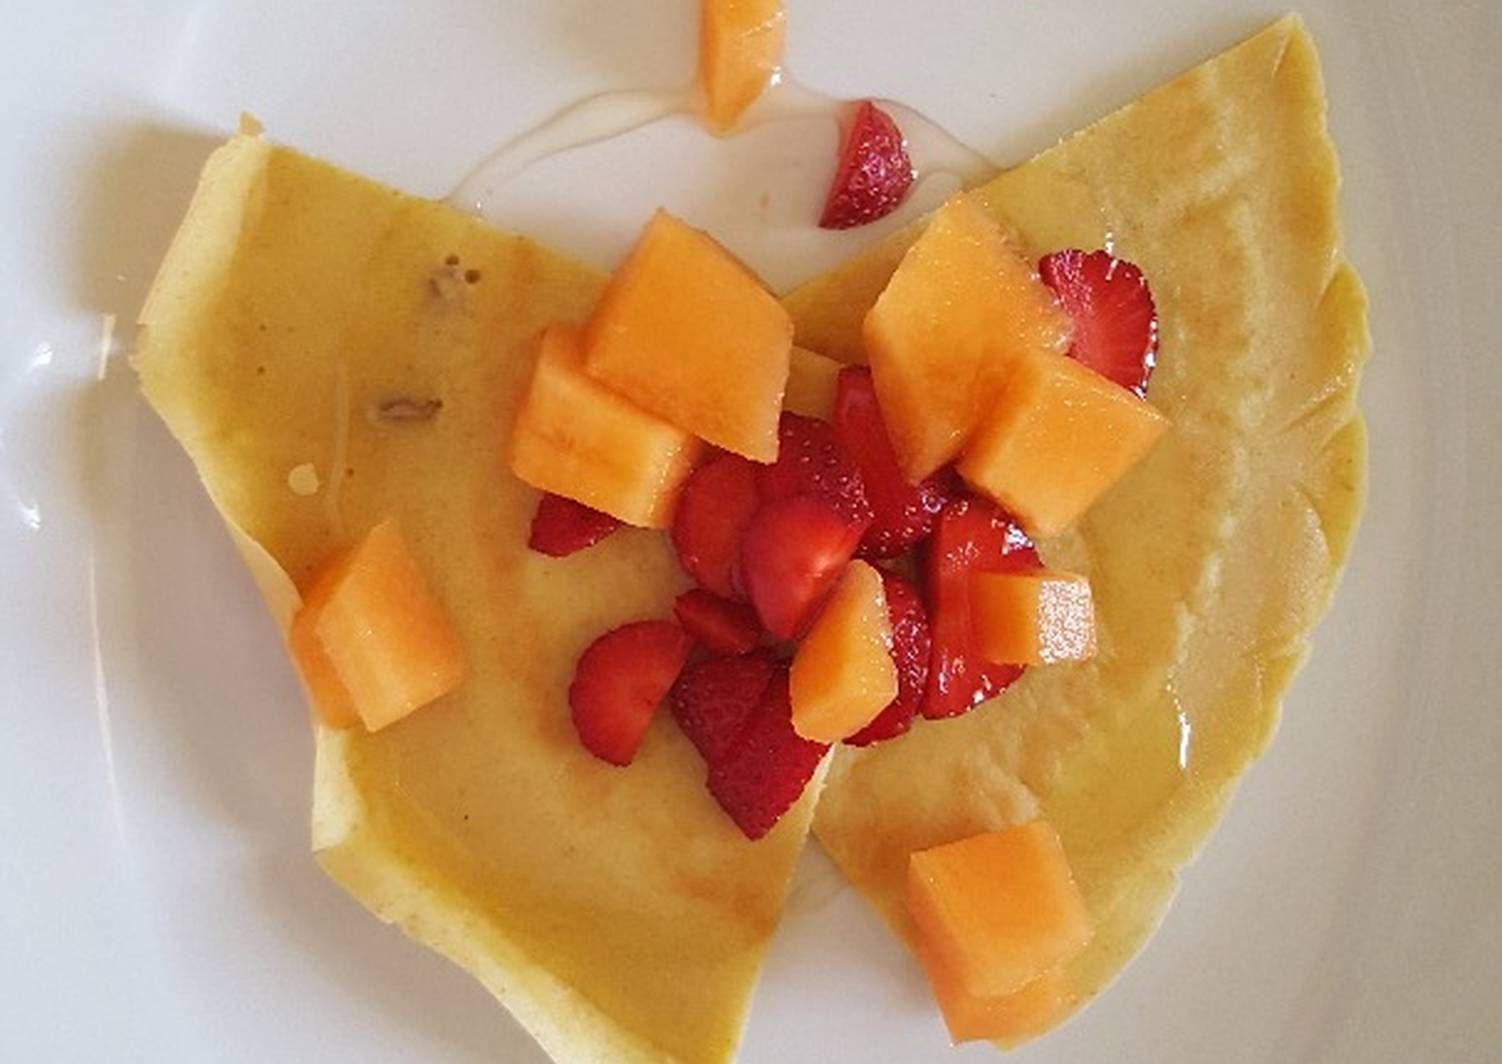 Ricetta Omelette Mozzi.Ricetta Omelette Senza Latte Di Letizia Vallini Ricetta Ricette Latte Colazione